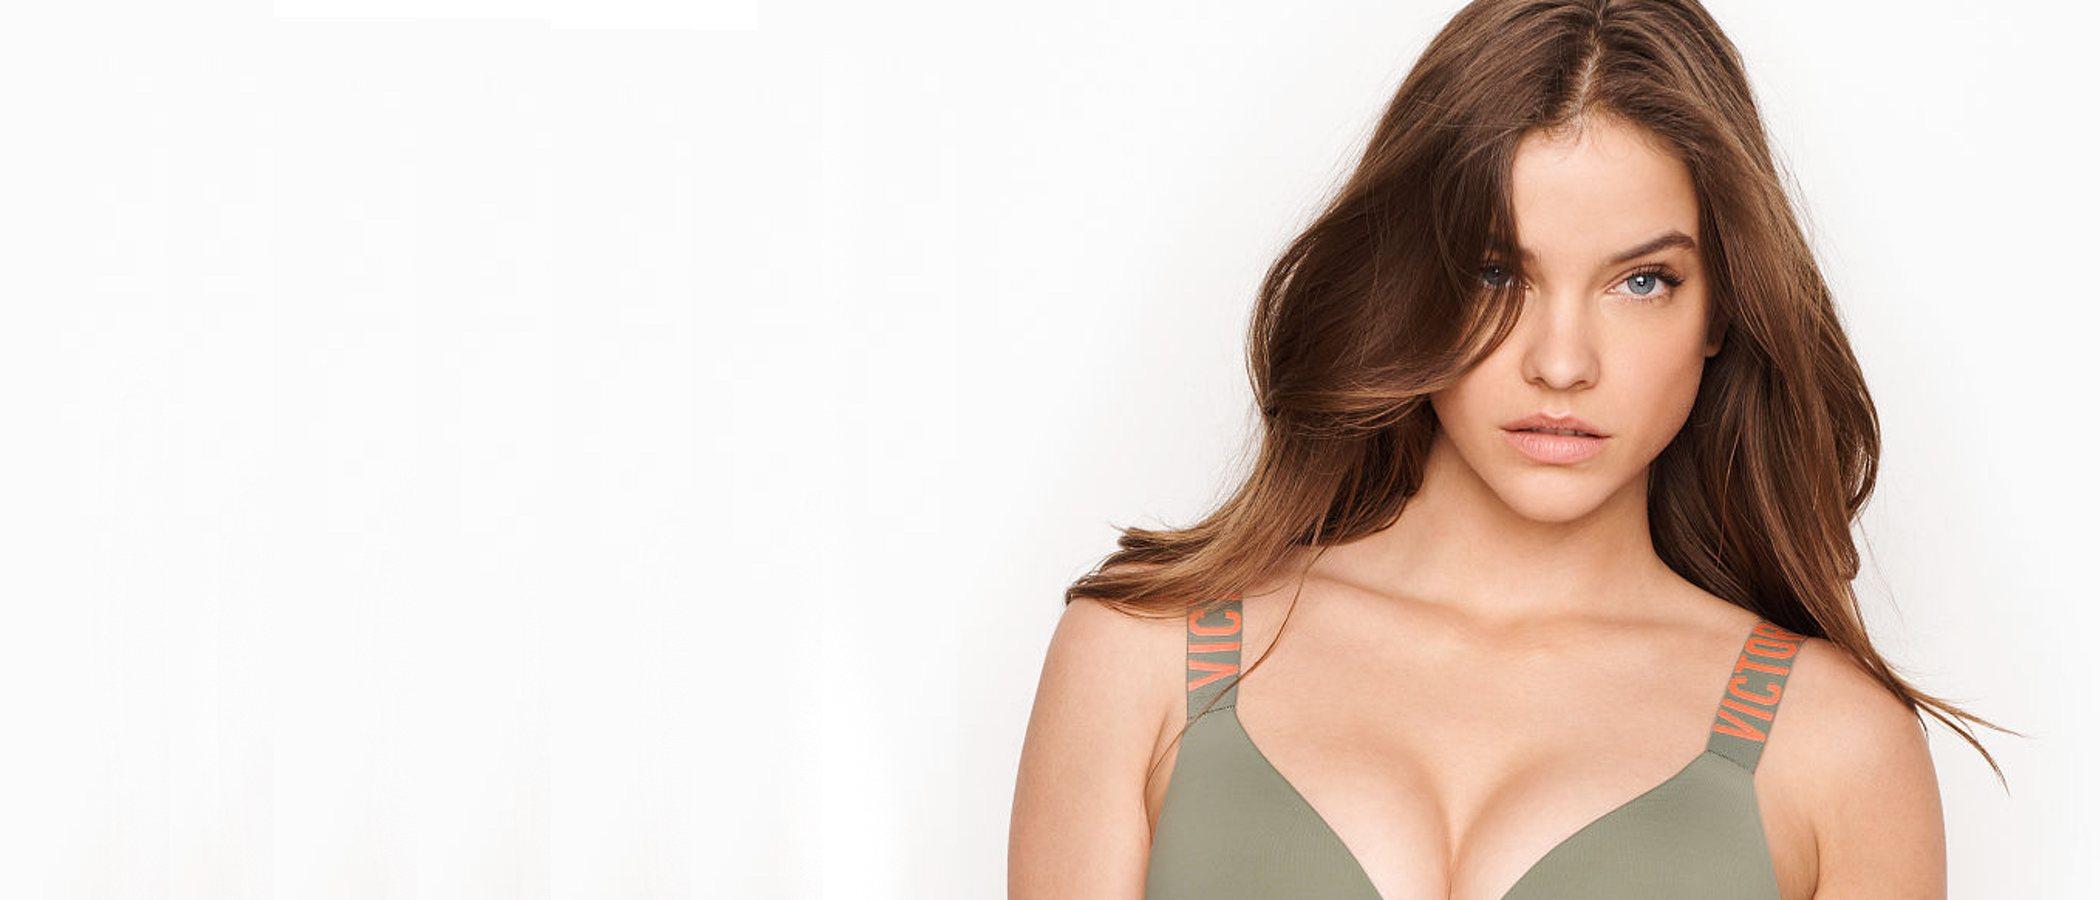 La modelo Barbara Palvin, nuevo ángel de Victoria's Secret